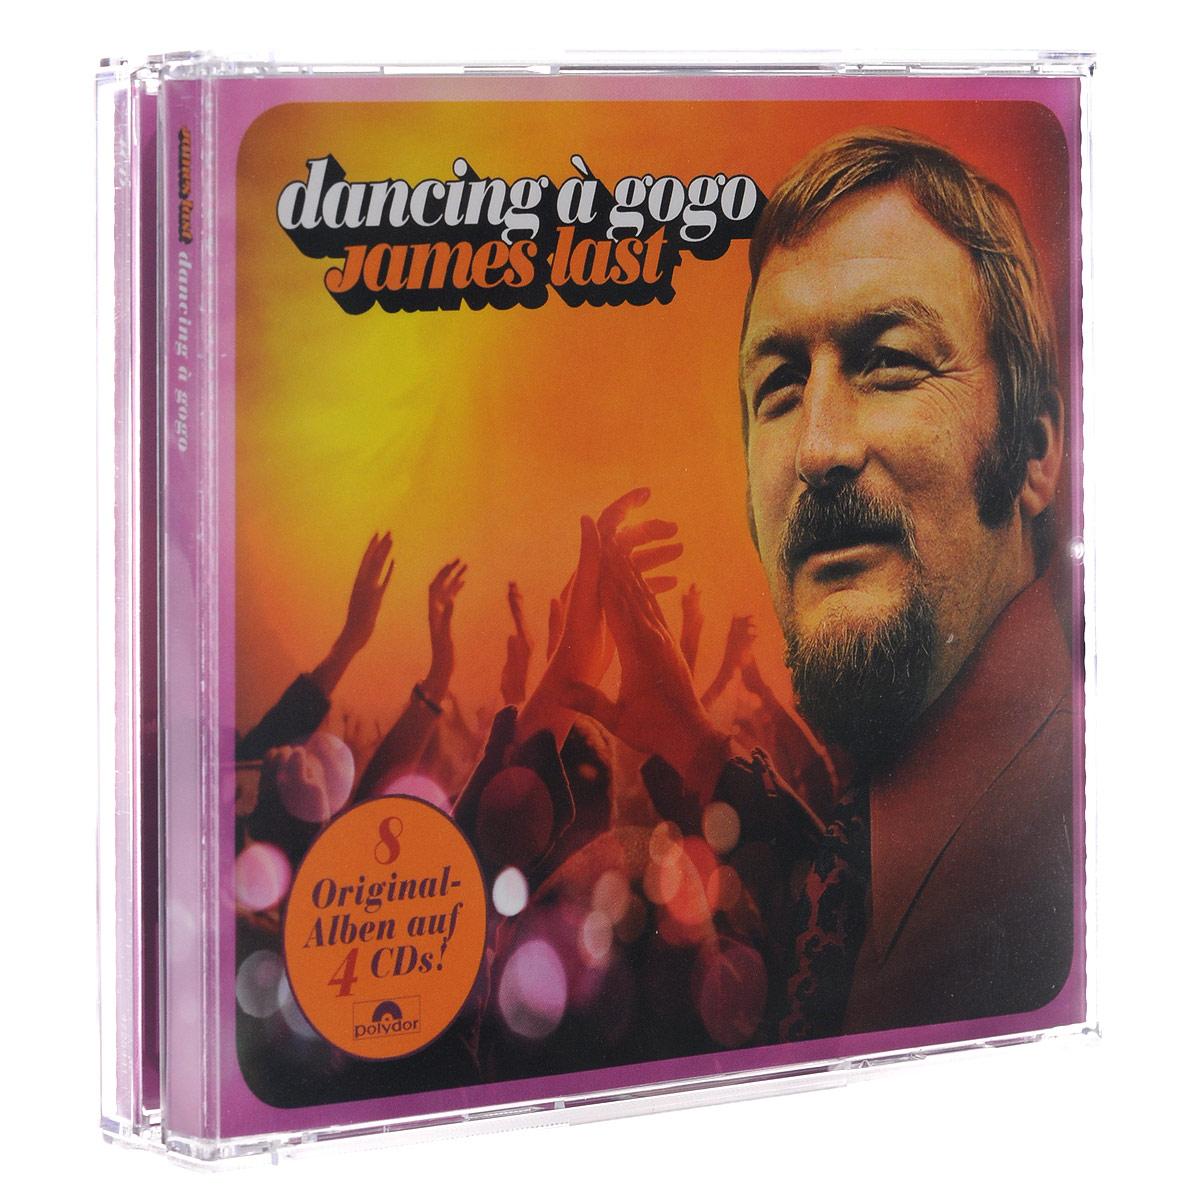 лучшая цена James Last. Dancing A Gogo (4 CD)